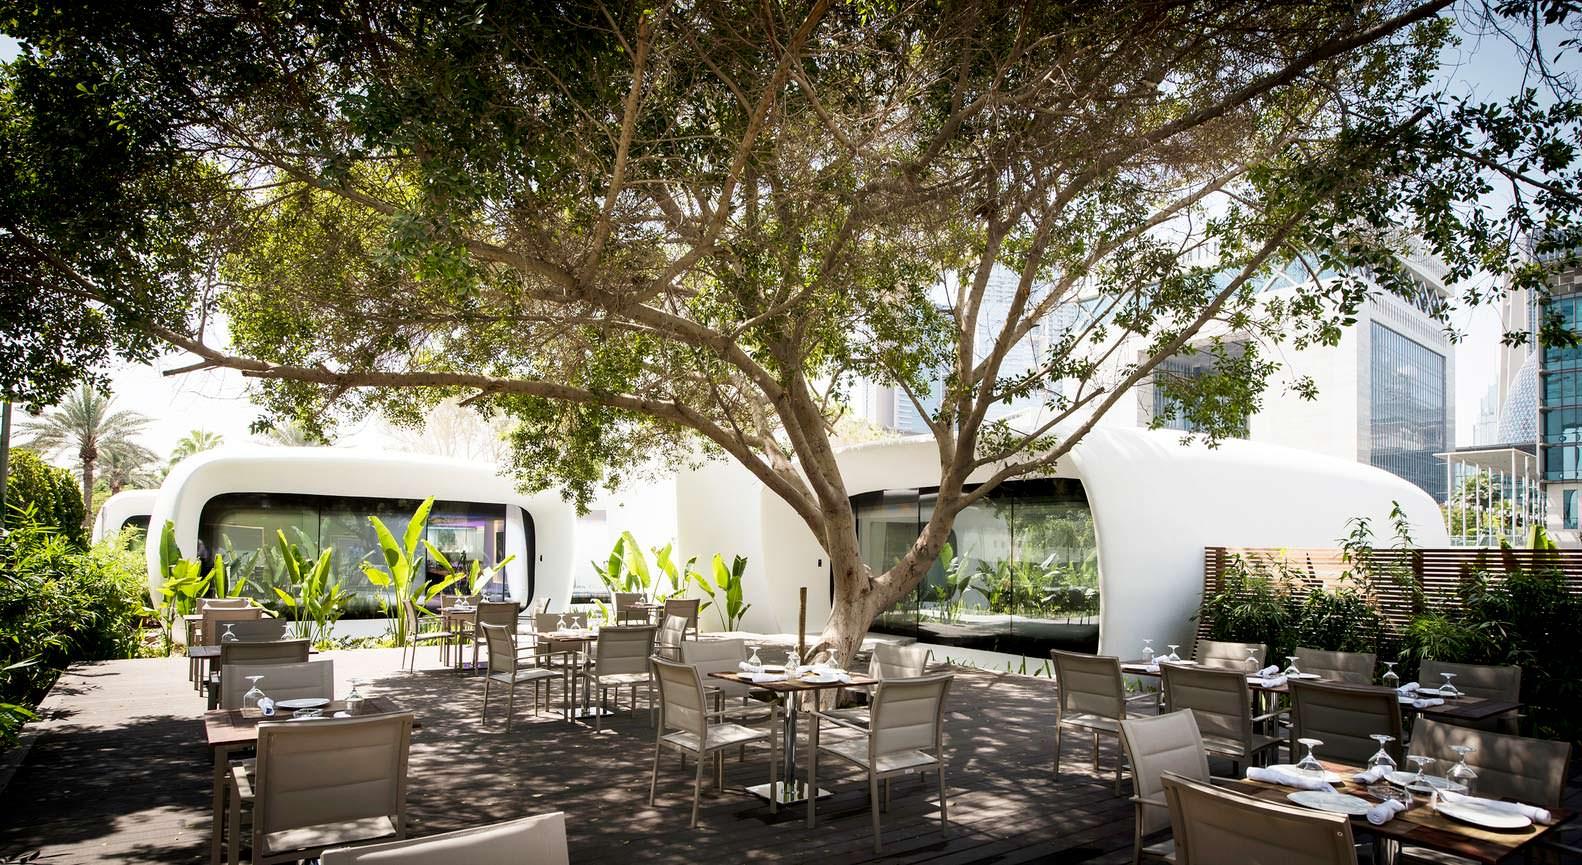 Кафе в тени дерева на территории Dubai Future Foundation